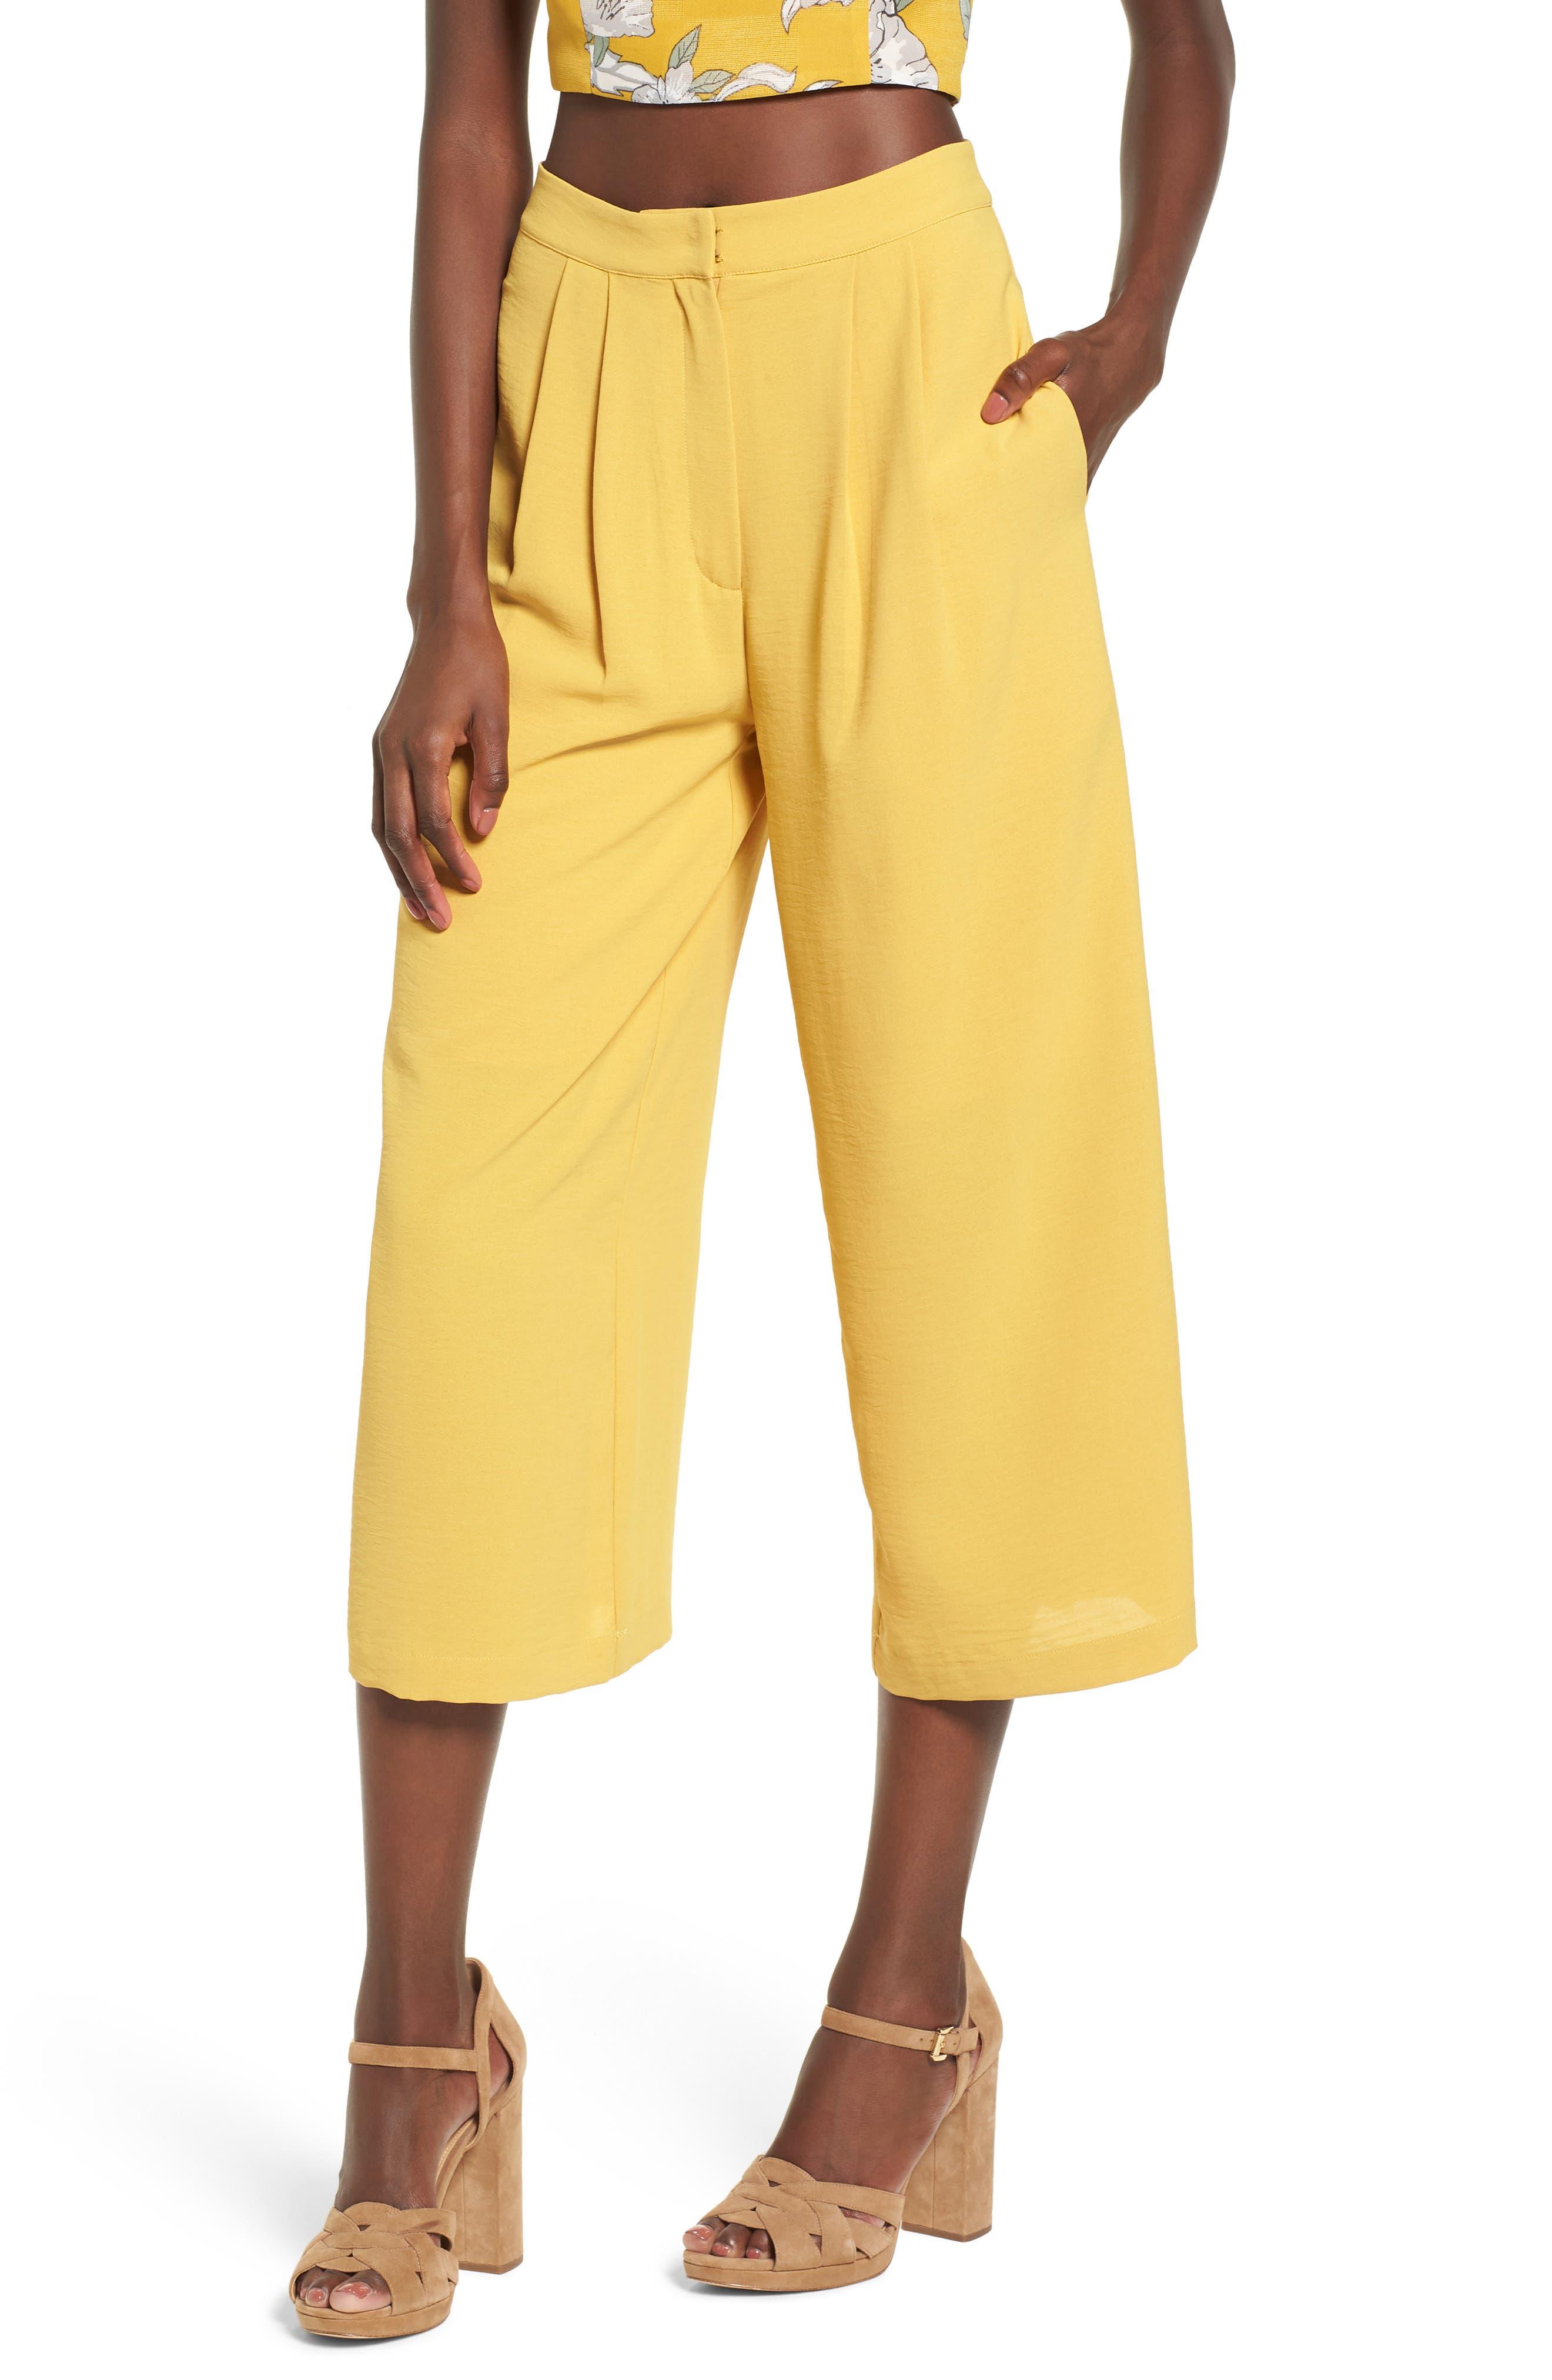 Chriselle x J.O.A. Pleat High Waist Crop Wide Leg Pants,                         Main,                         color, Roman Gold